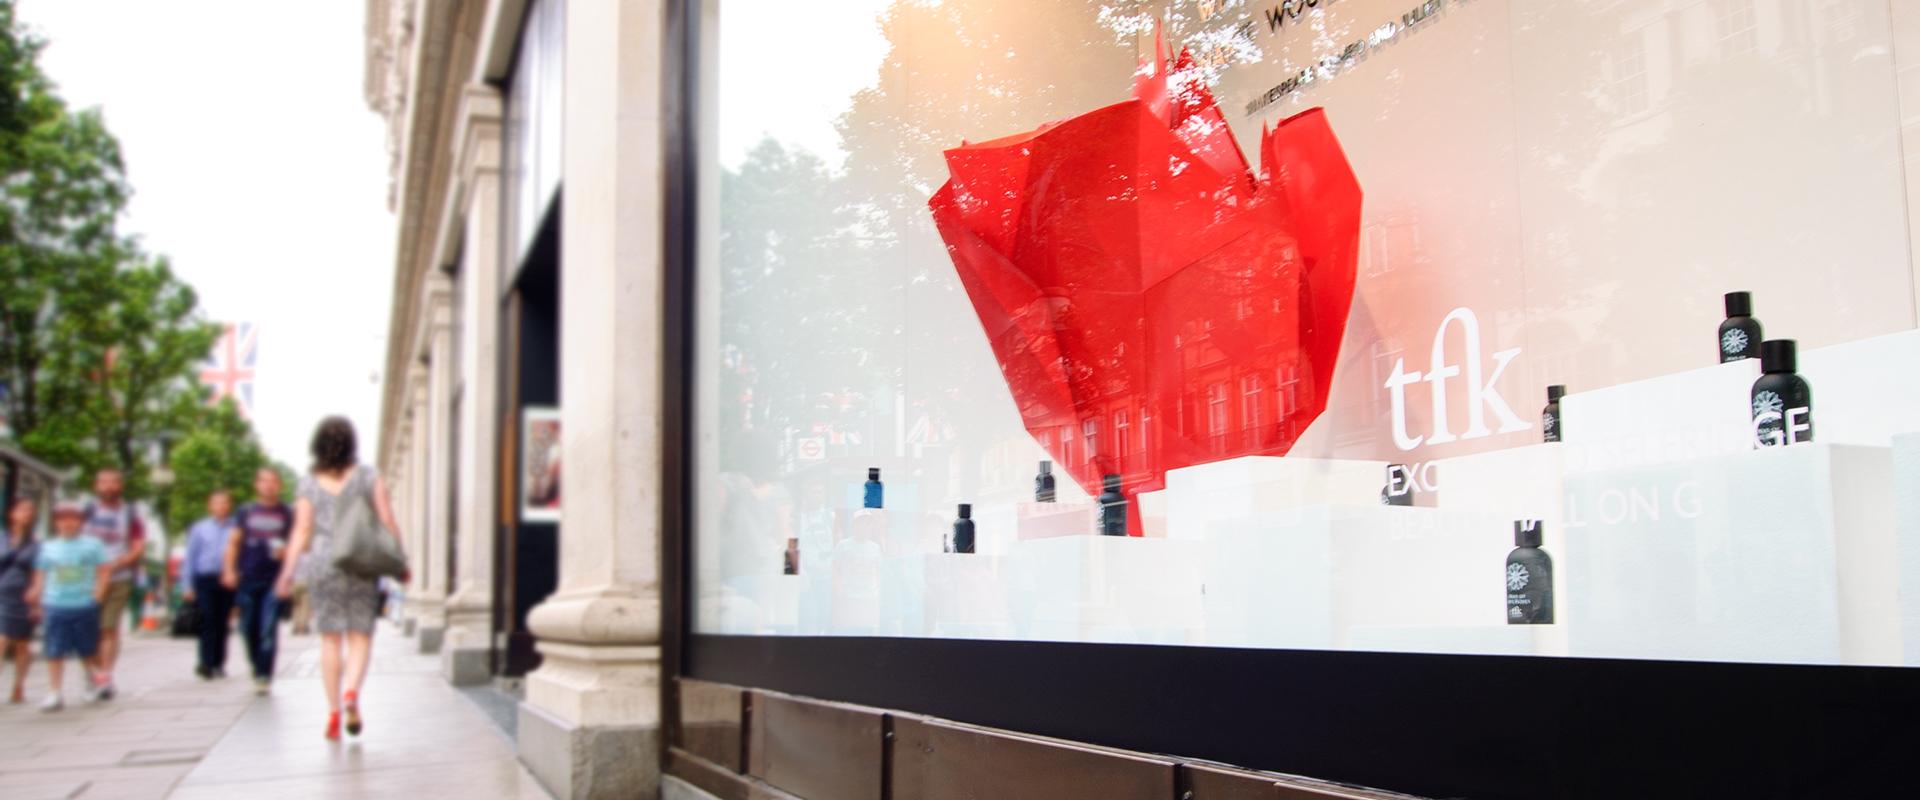 Una rivisitazione urbana di Shakespeare ne vetrine di Selfridges suOxford Street a Londra